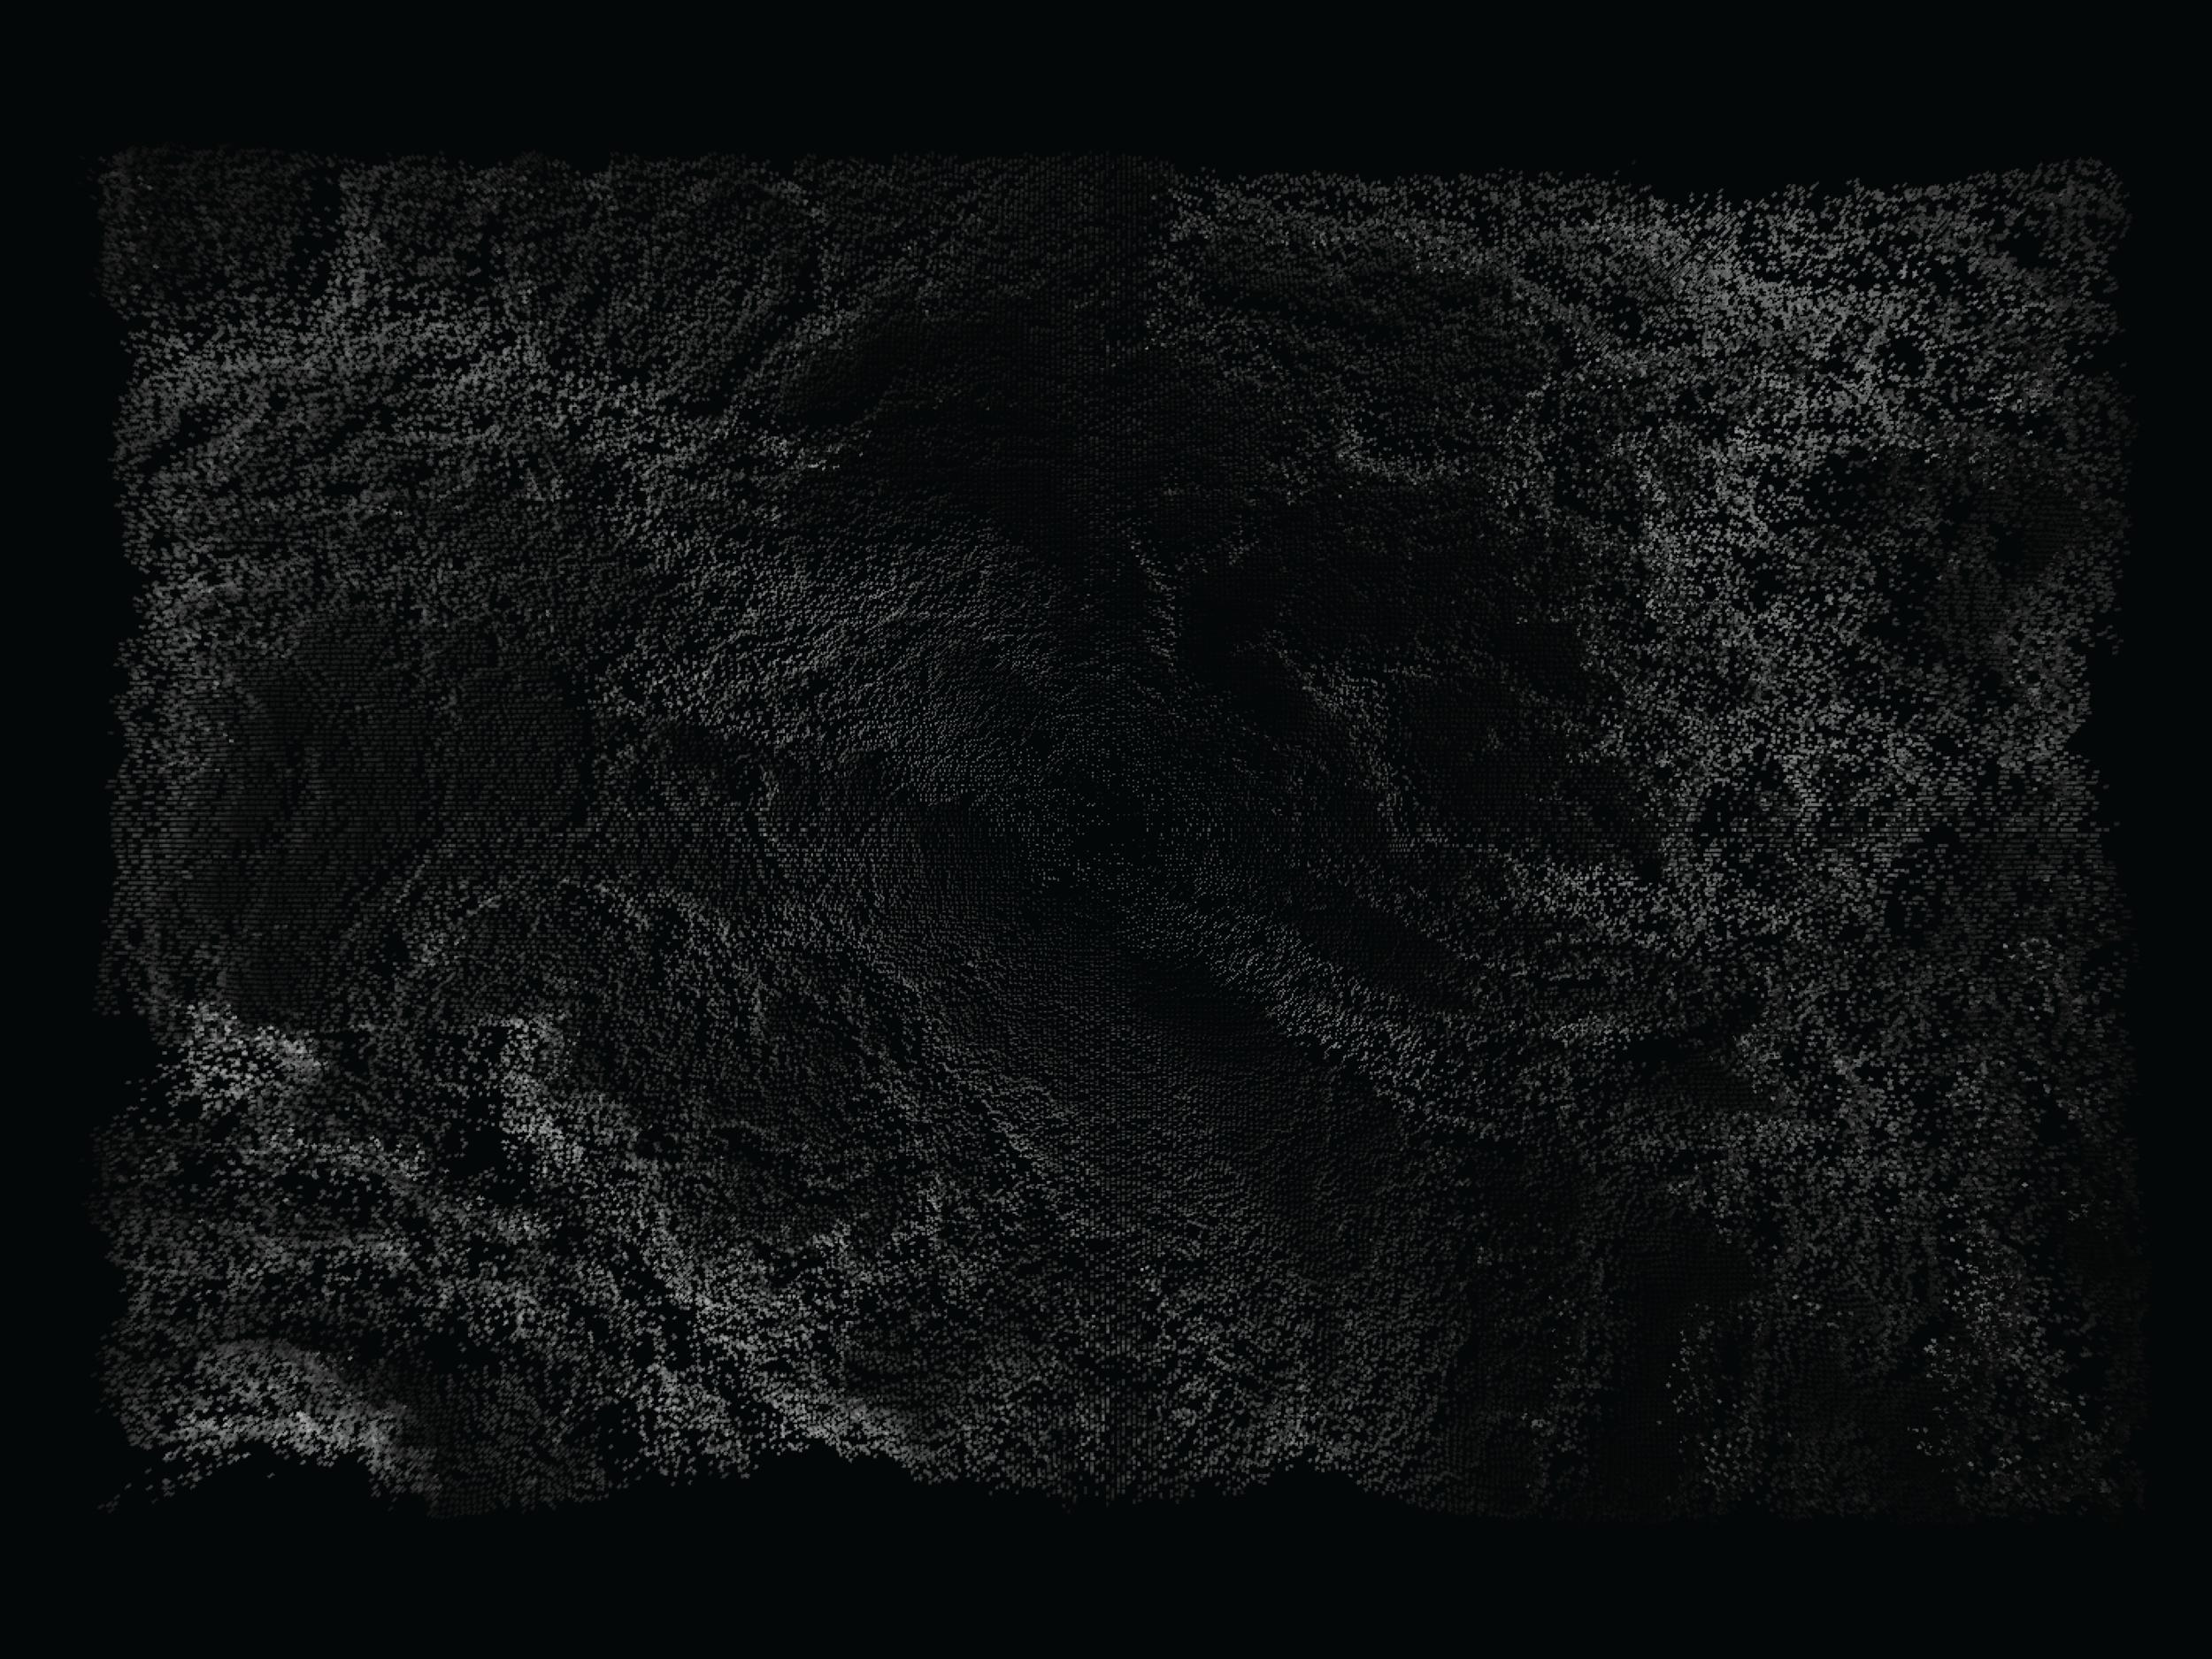 render-01-01.png